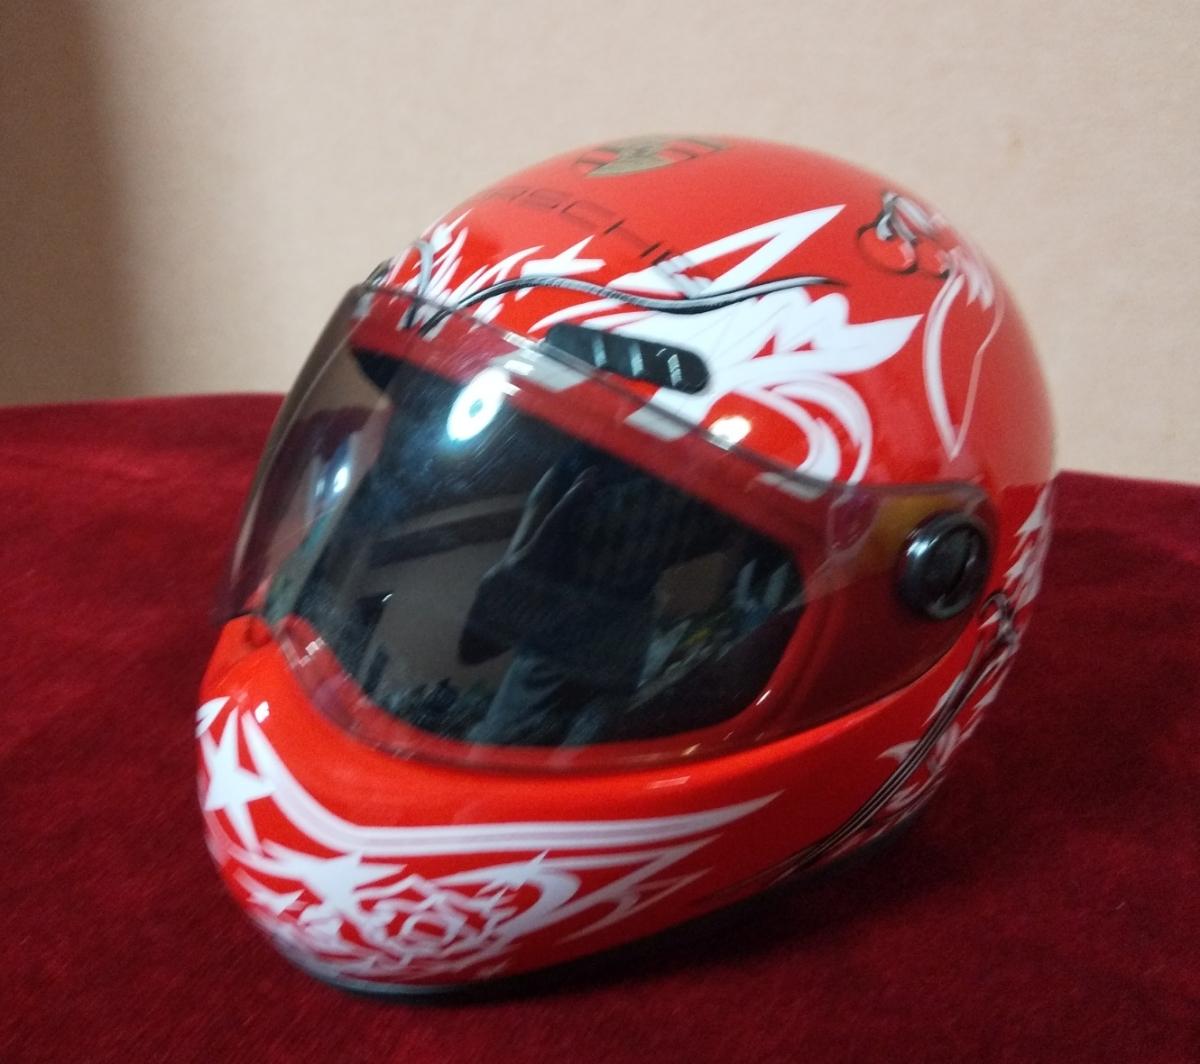 gasumaruレーサーレプリカ バイク ヘルメット 猫 ペット_画像2